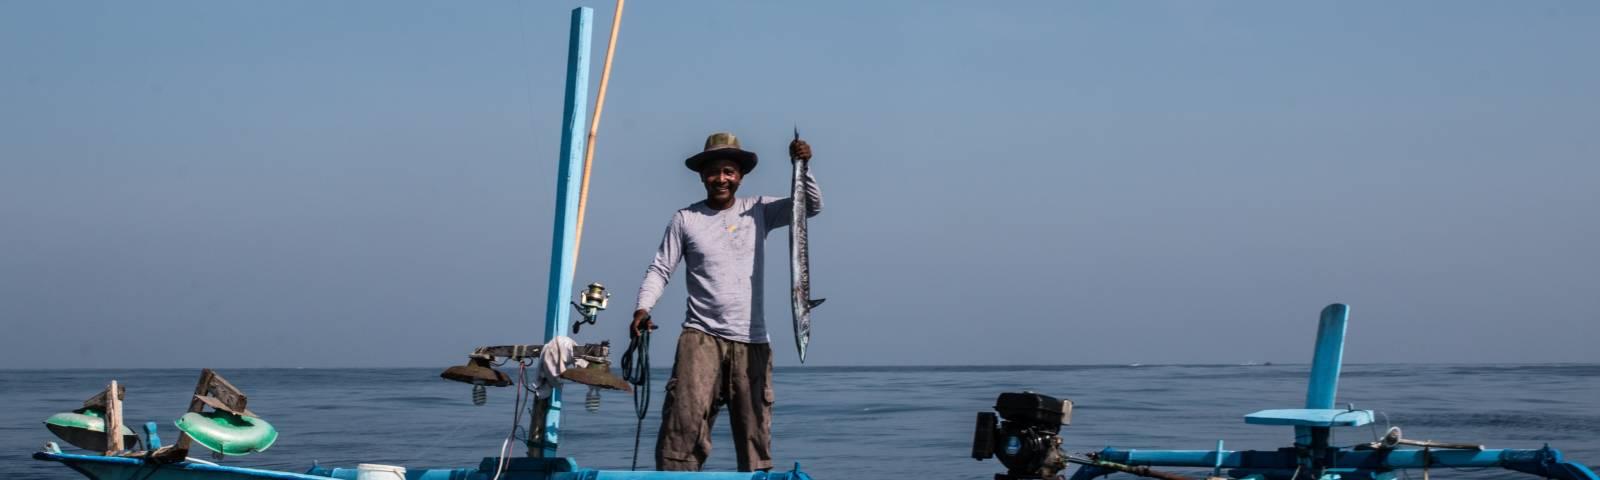 Fischer mit gefangenem Fisch auf einem Fischerboot namens Bali Indah auf Bali